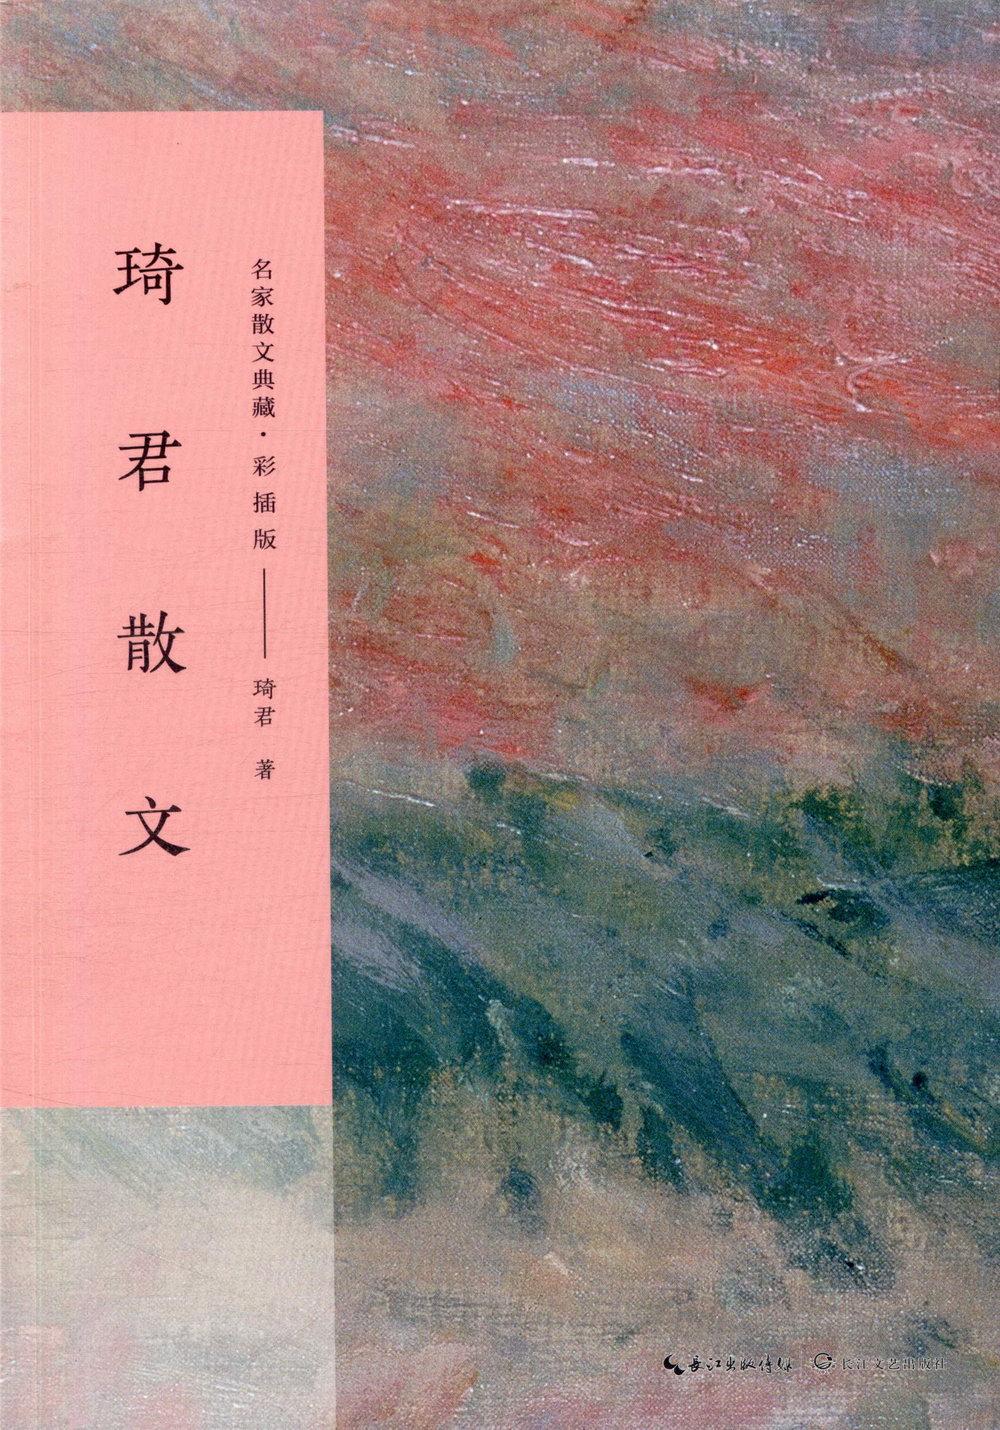 琦君散文(彩插版)